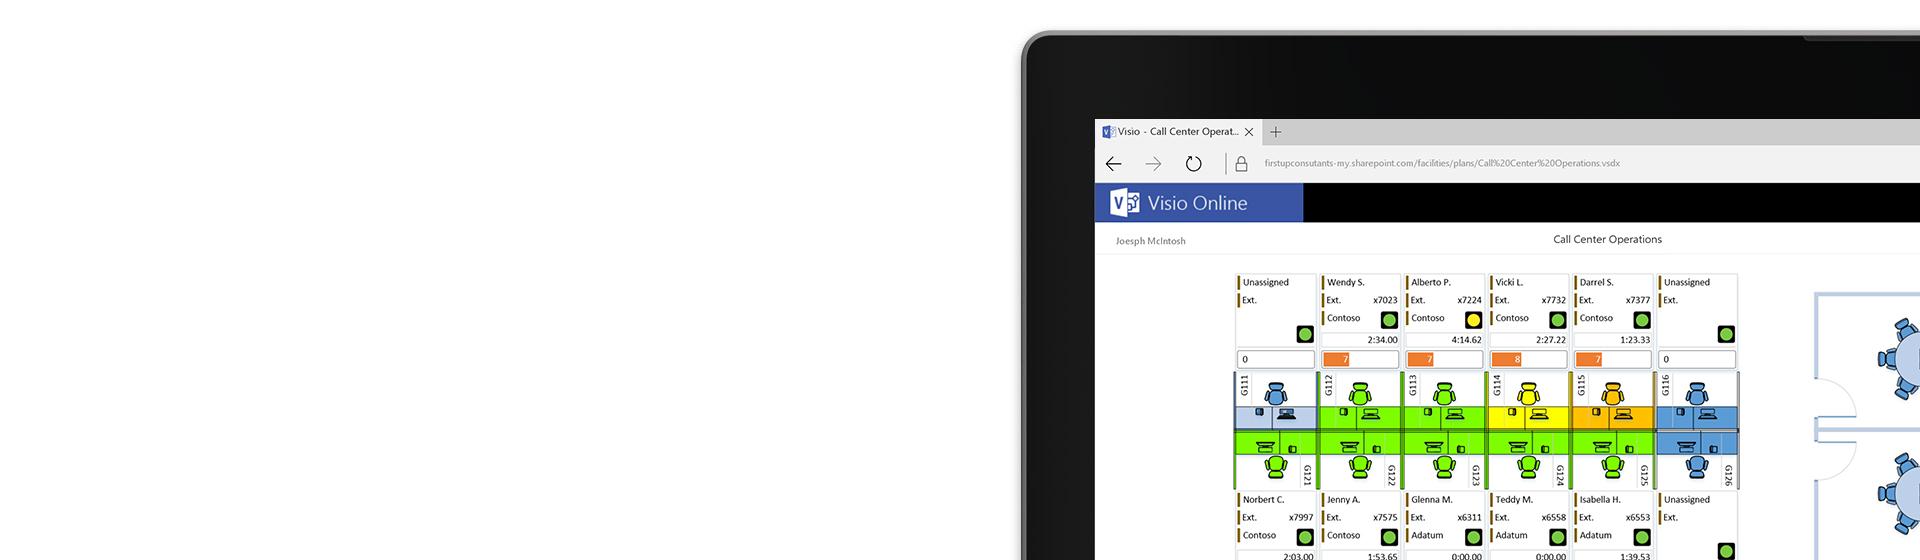 Sudut skrin tablet memaparkan gambar rajah pelan lantai pusat panggilan dalam Visio